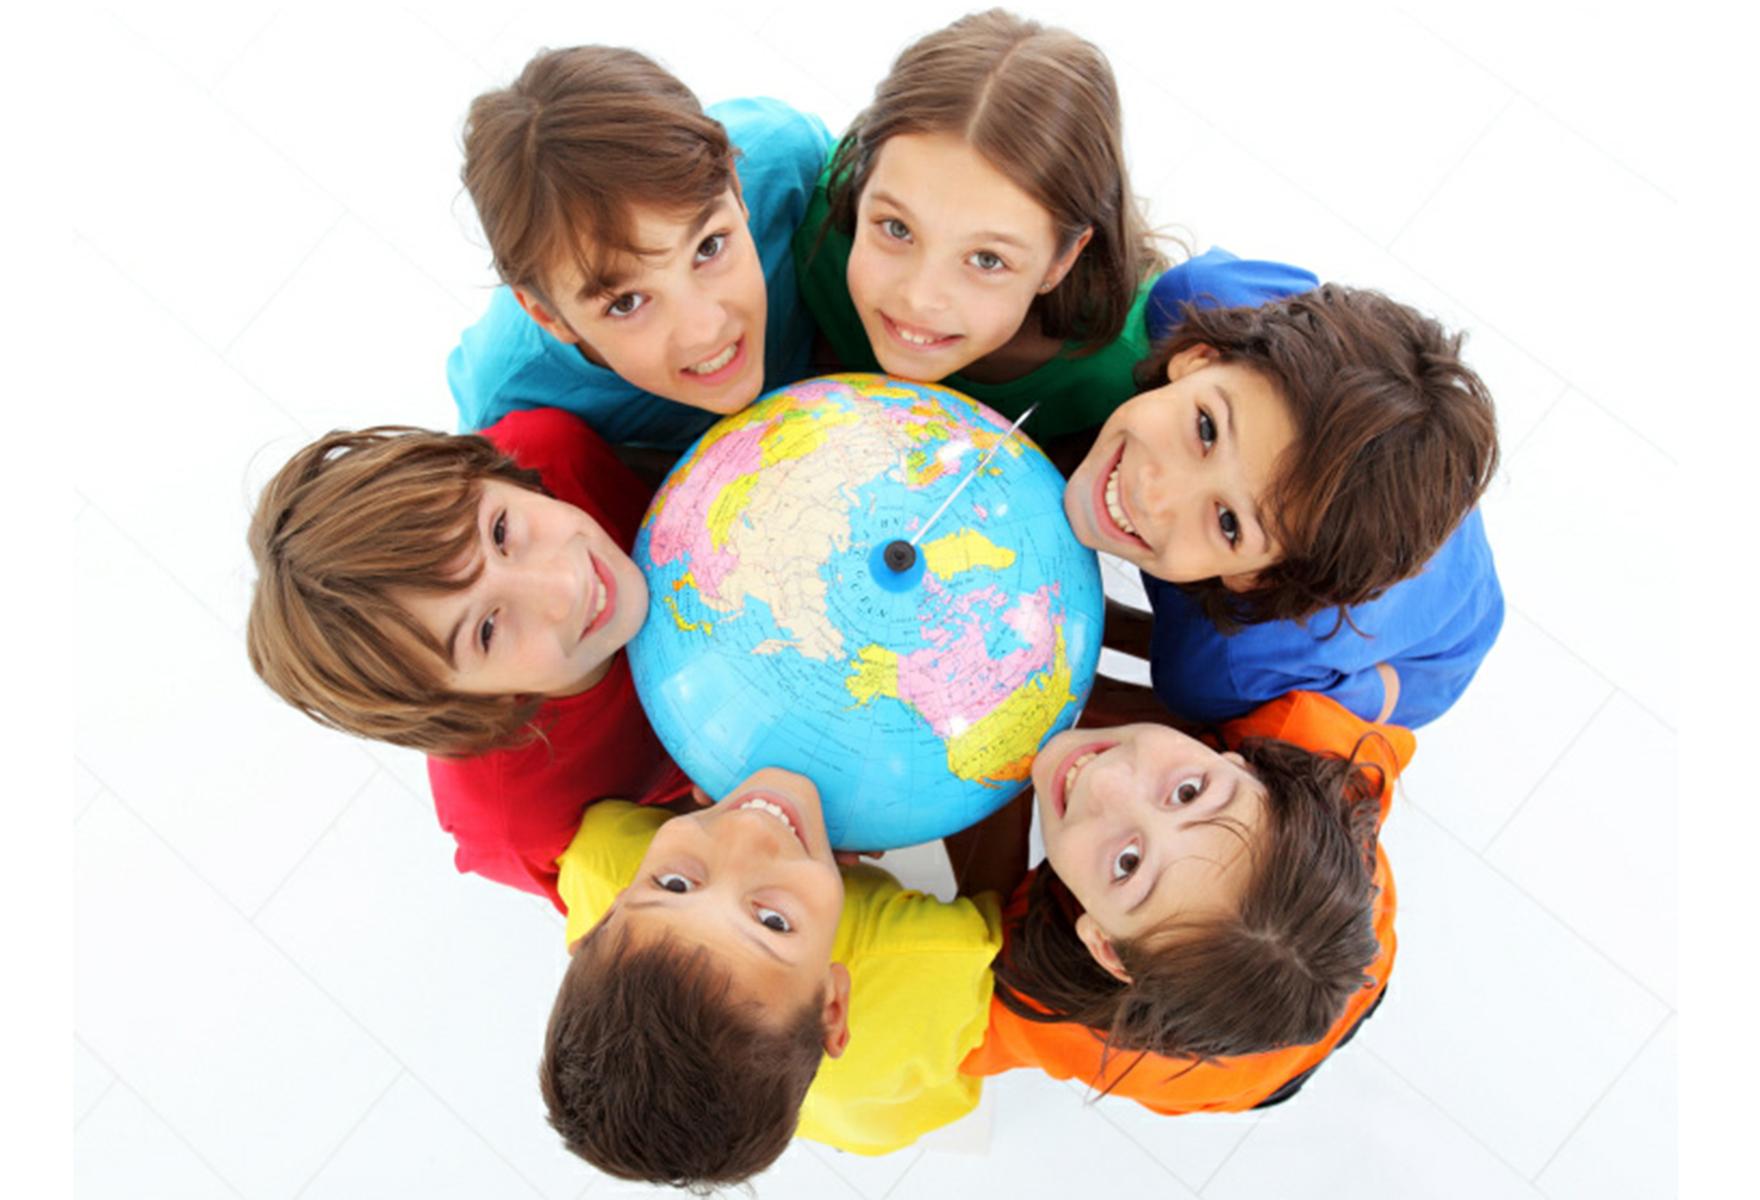 Забавные и смешные фото детей. Мир приколов 54